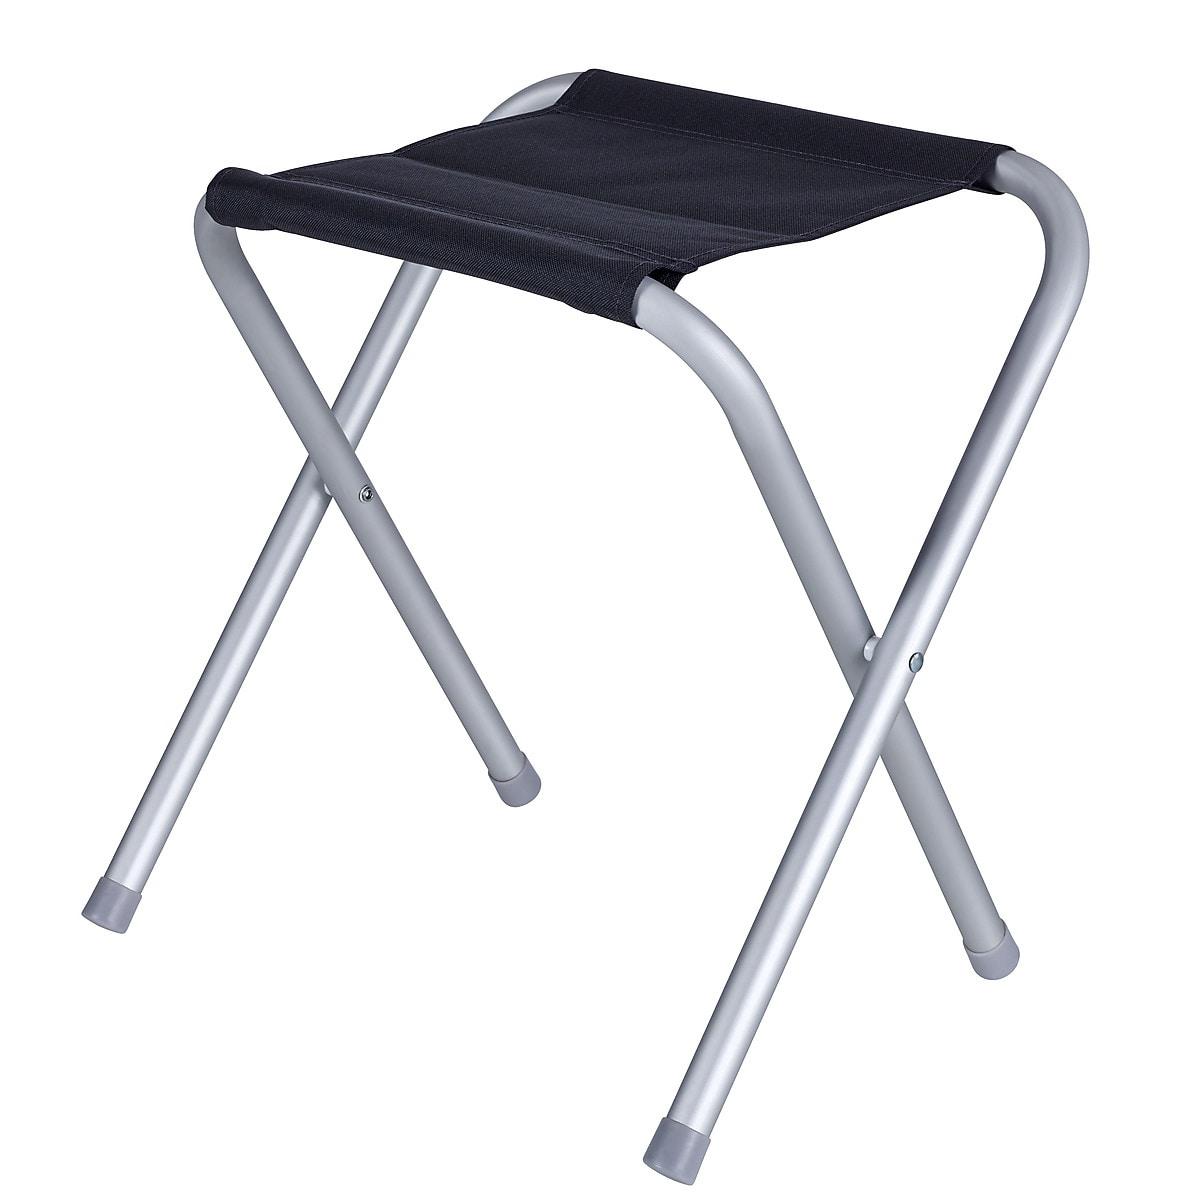 Campingbord med stolar Asaklitt